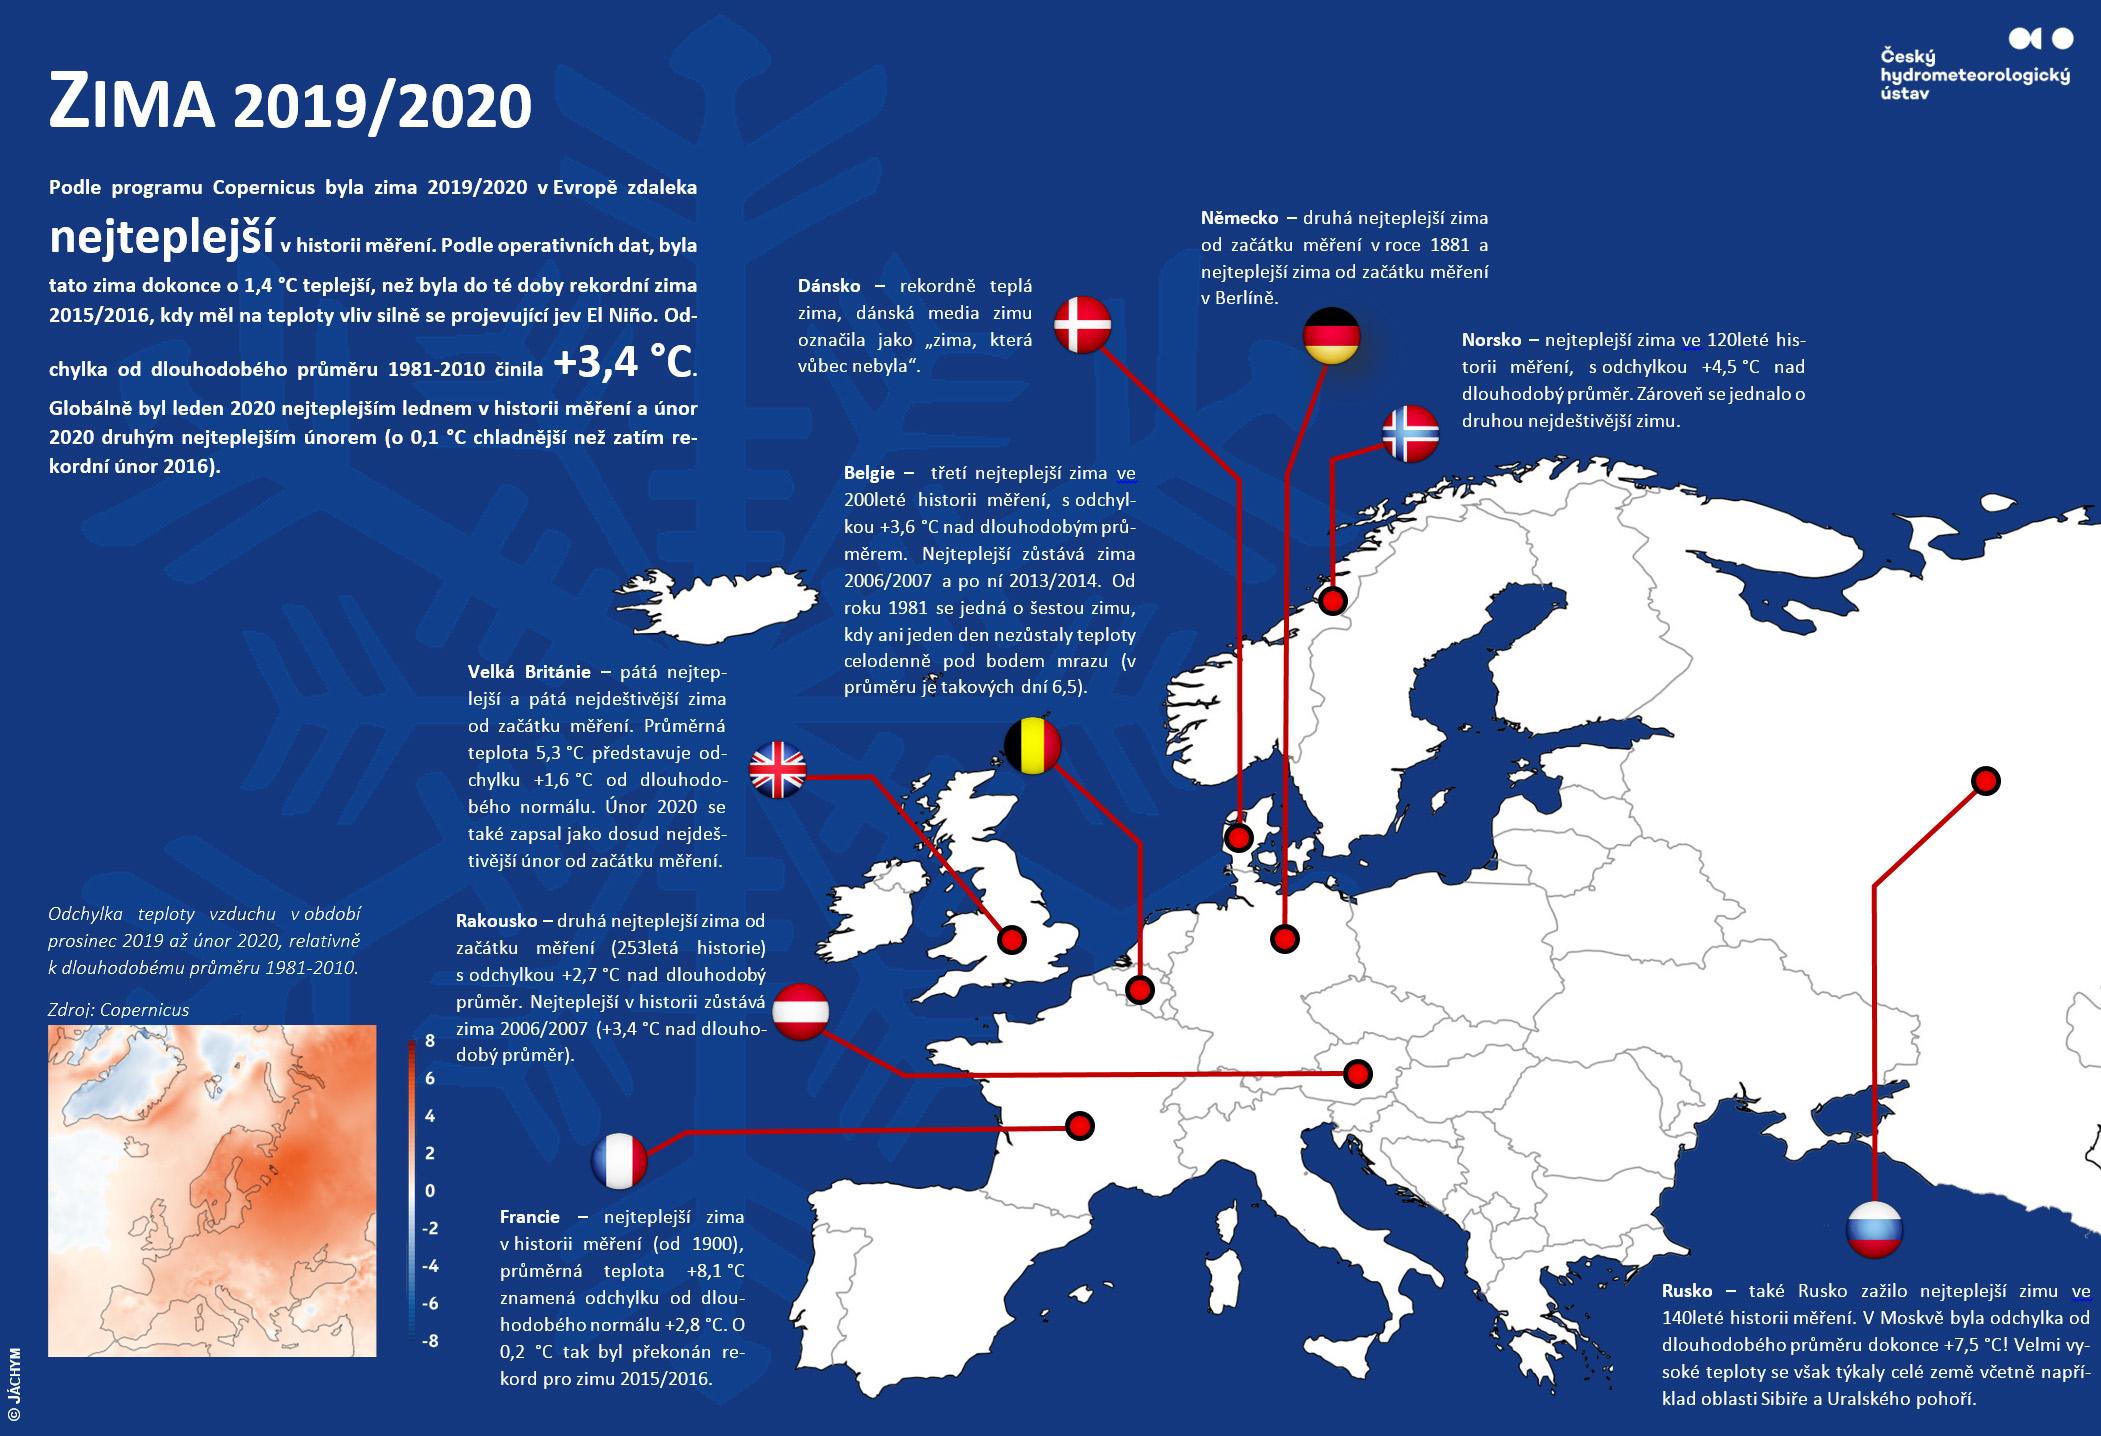 Zima 2020 – v Evropě nejteplejší v historii měření1 min čtení